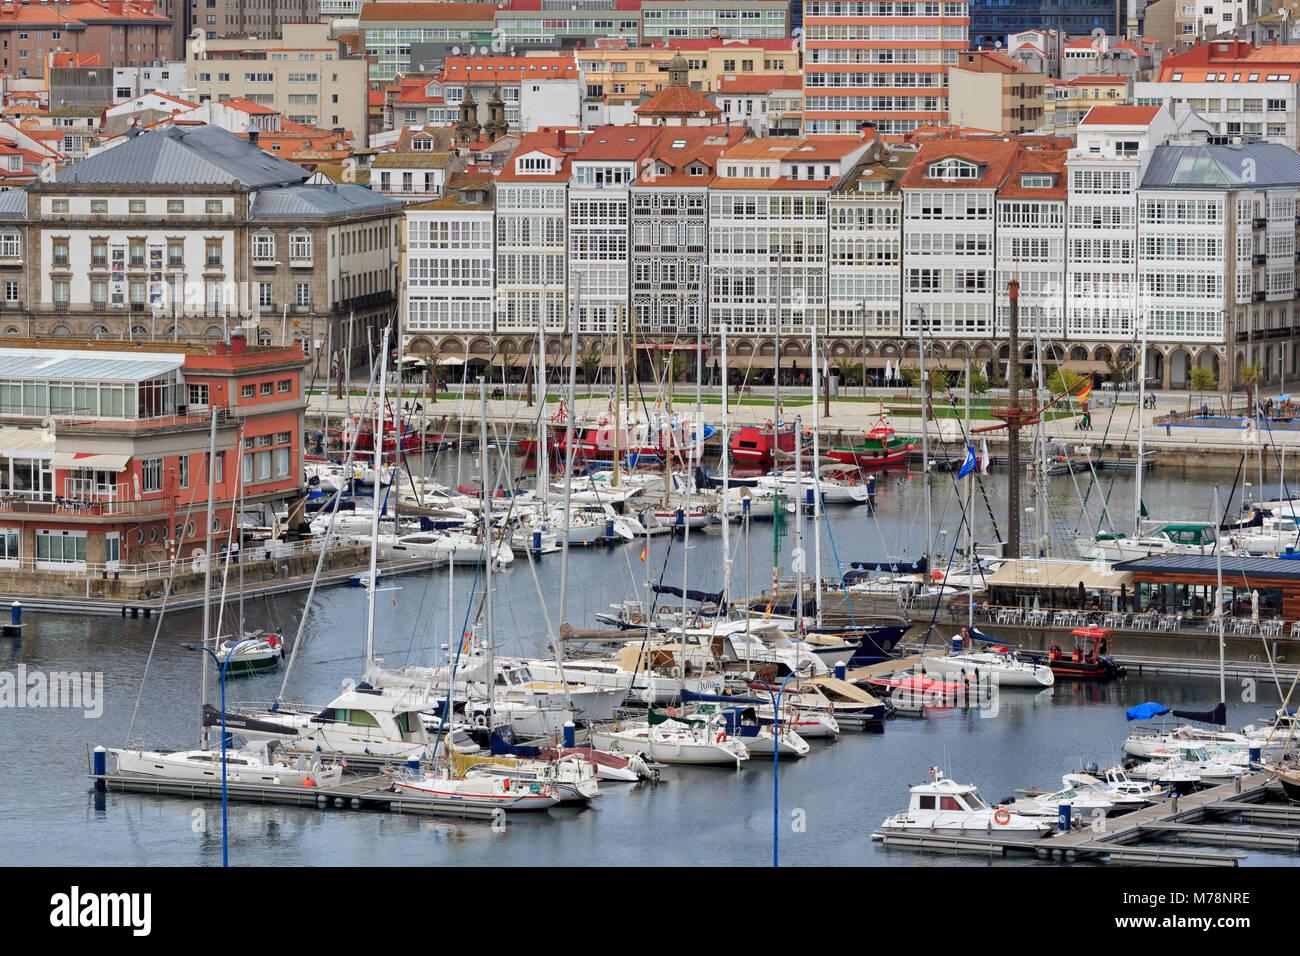 Marina de yates, La Ciudad de La Coruña, Galicia, España, Europa Imagen De Stock